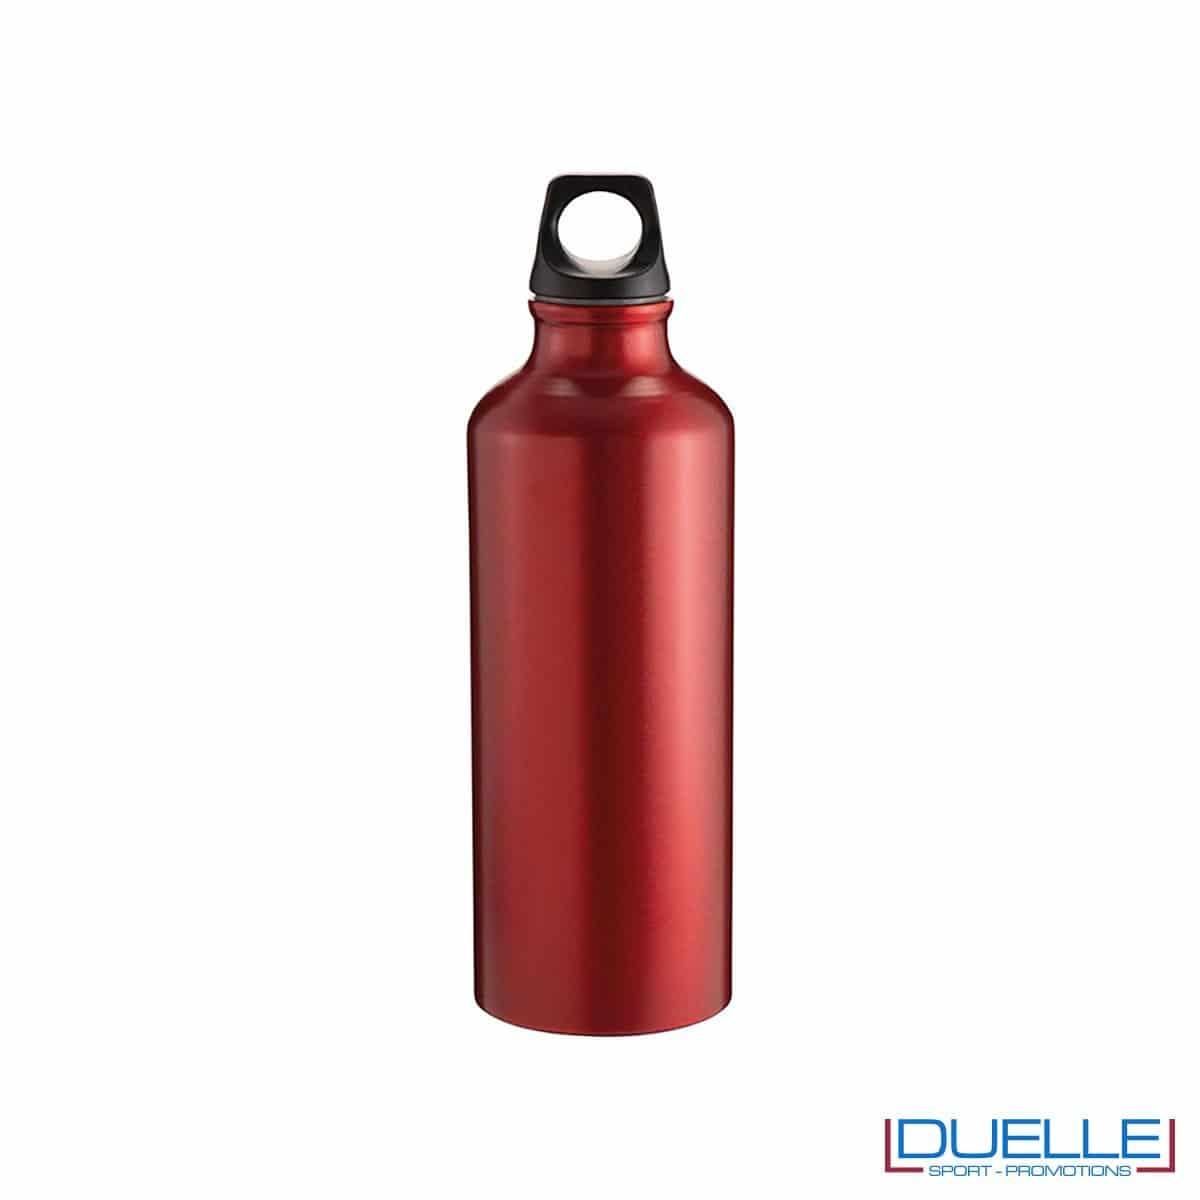 Borraccia sportiva alluminio 500ml colore rosso metallizzato opaco